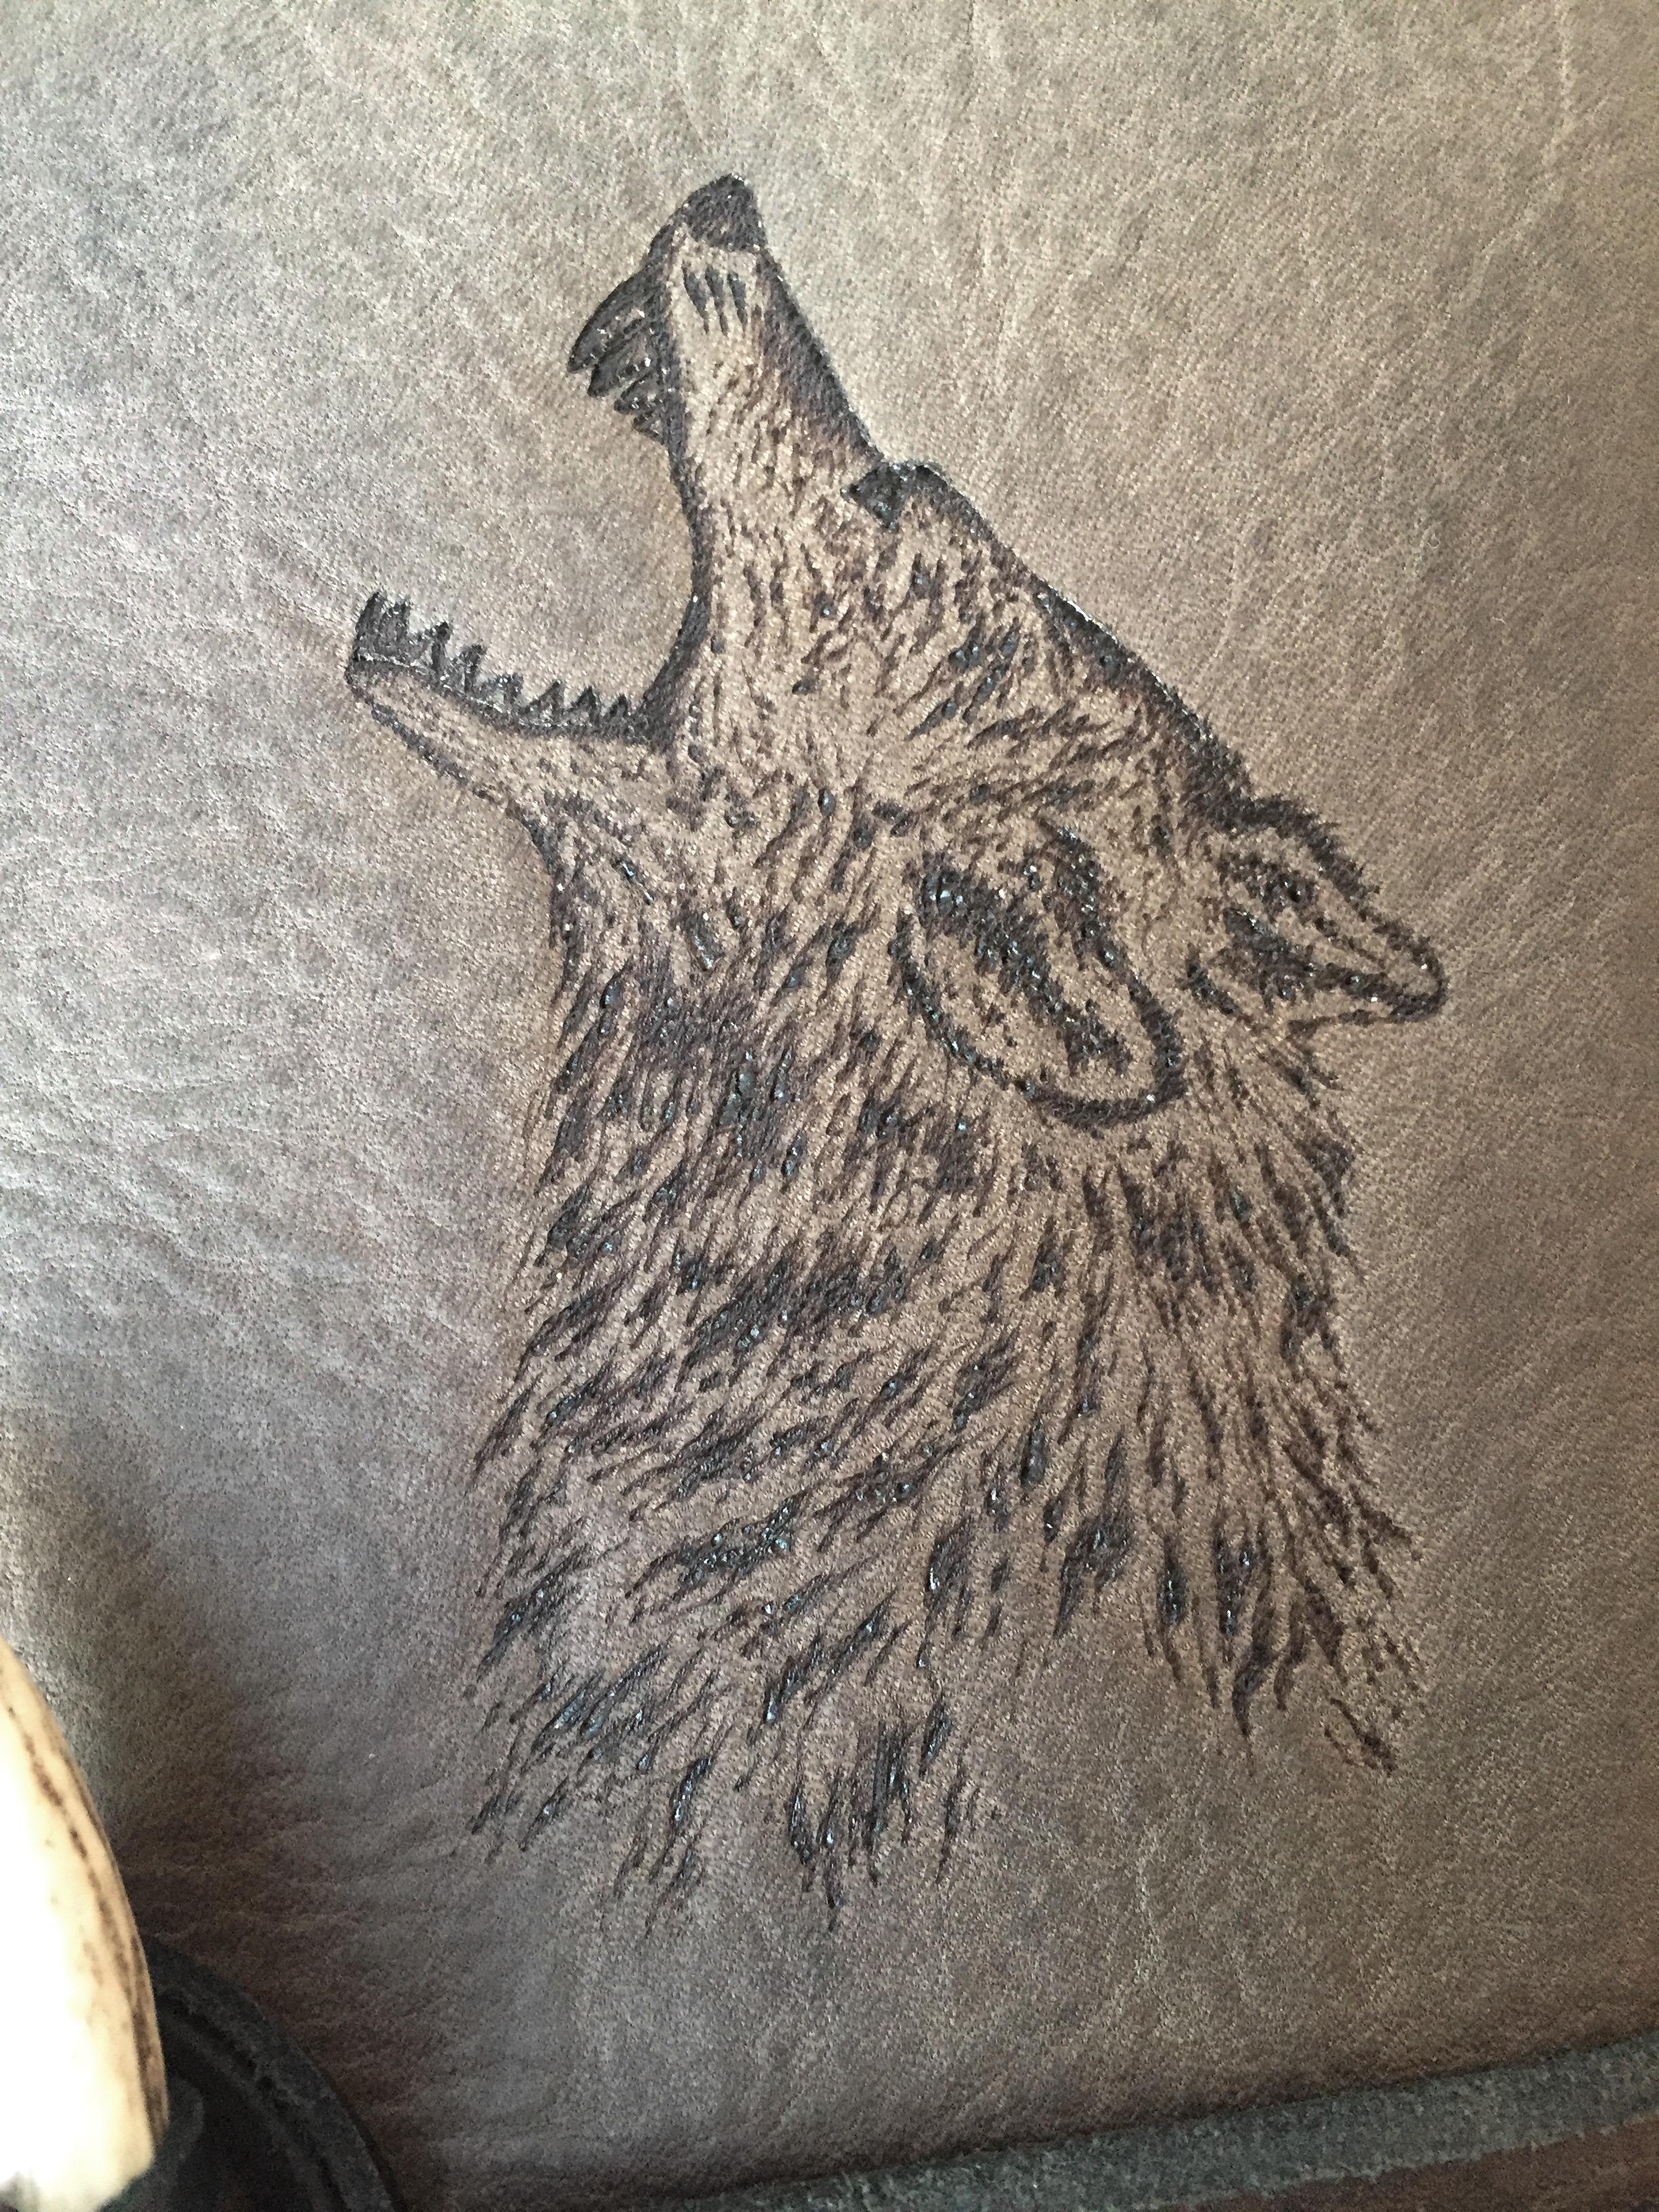 Circle M Brand - Wolf engraving.JPG